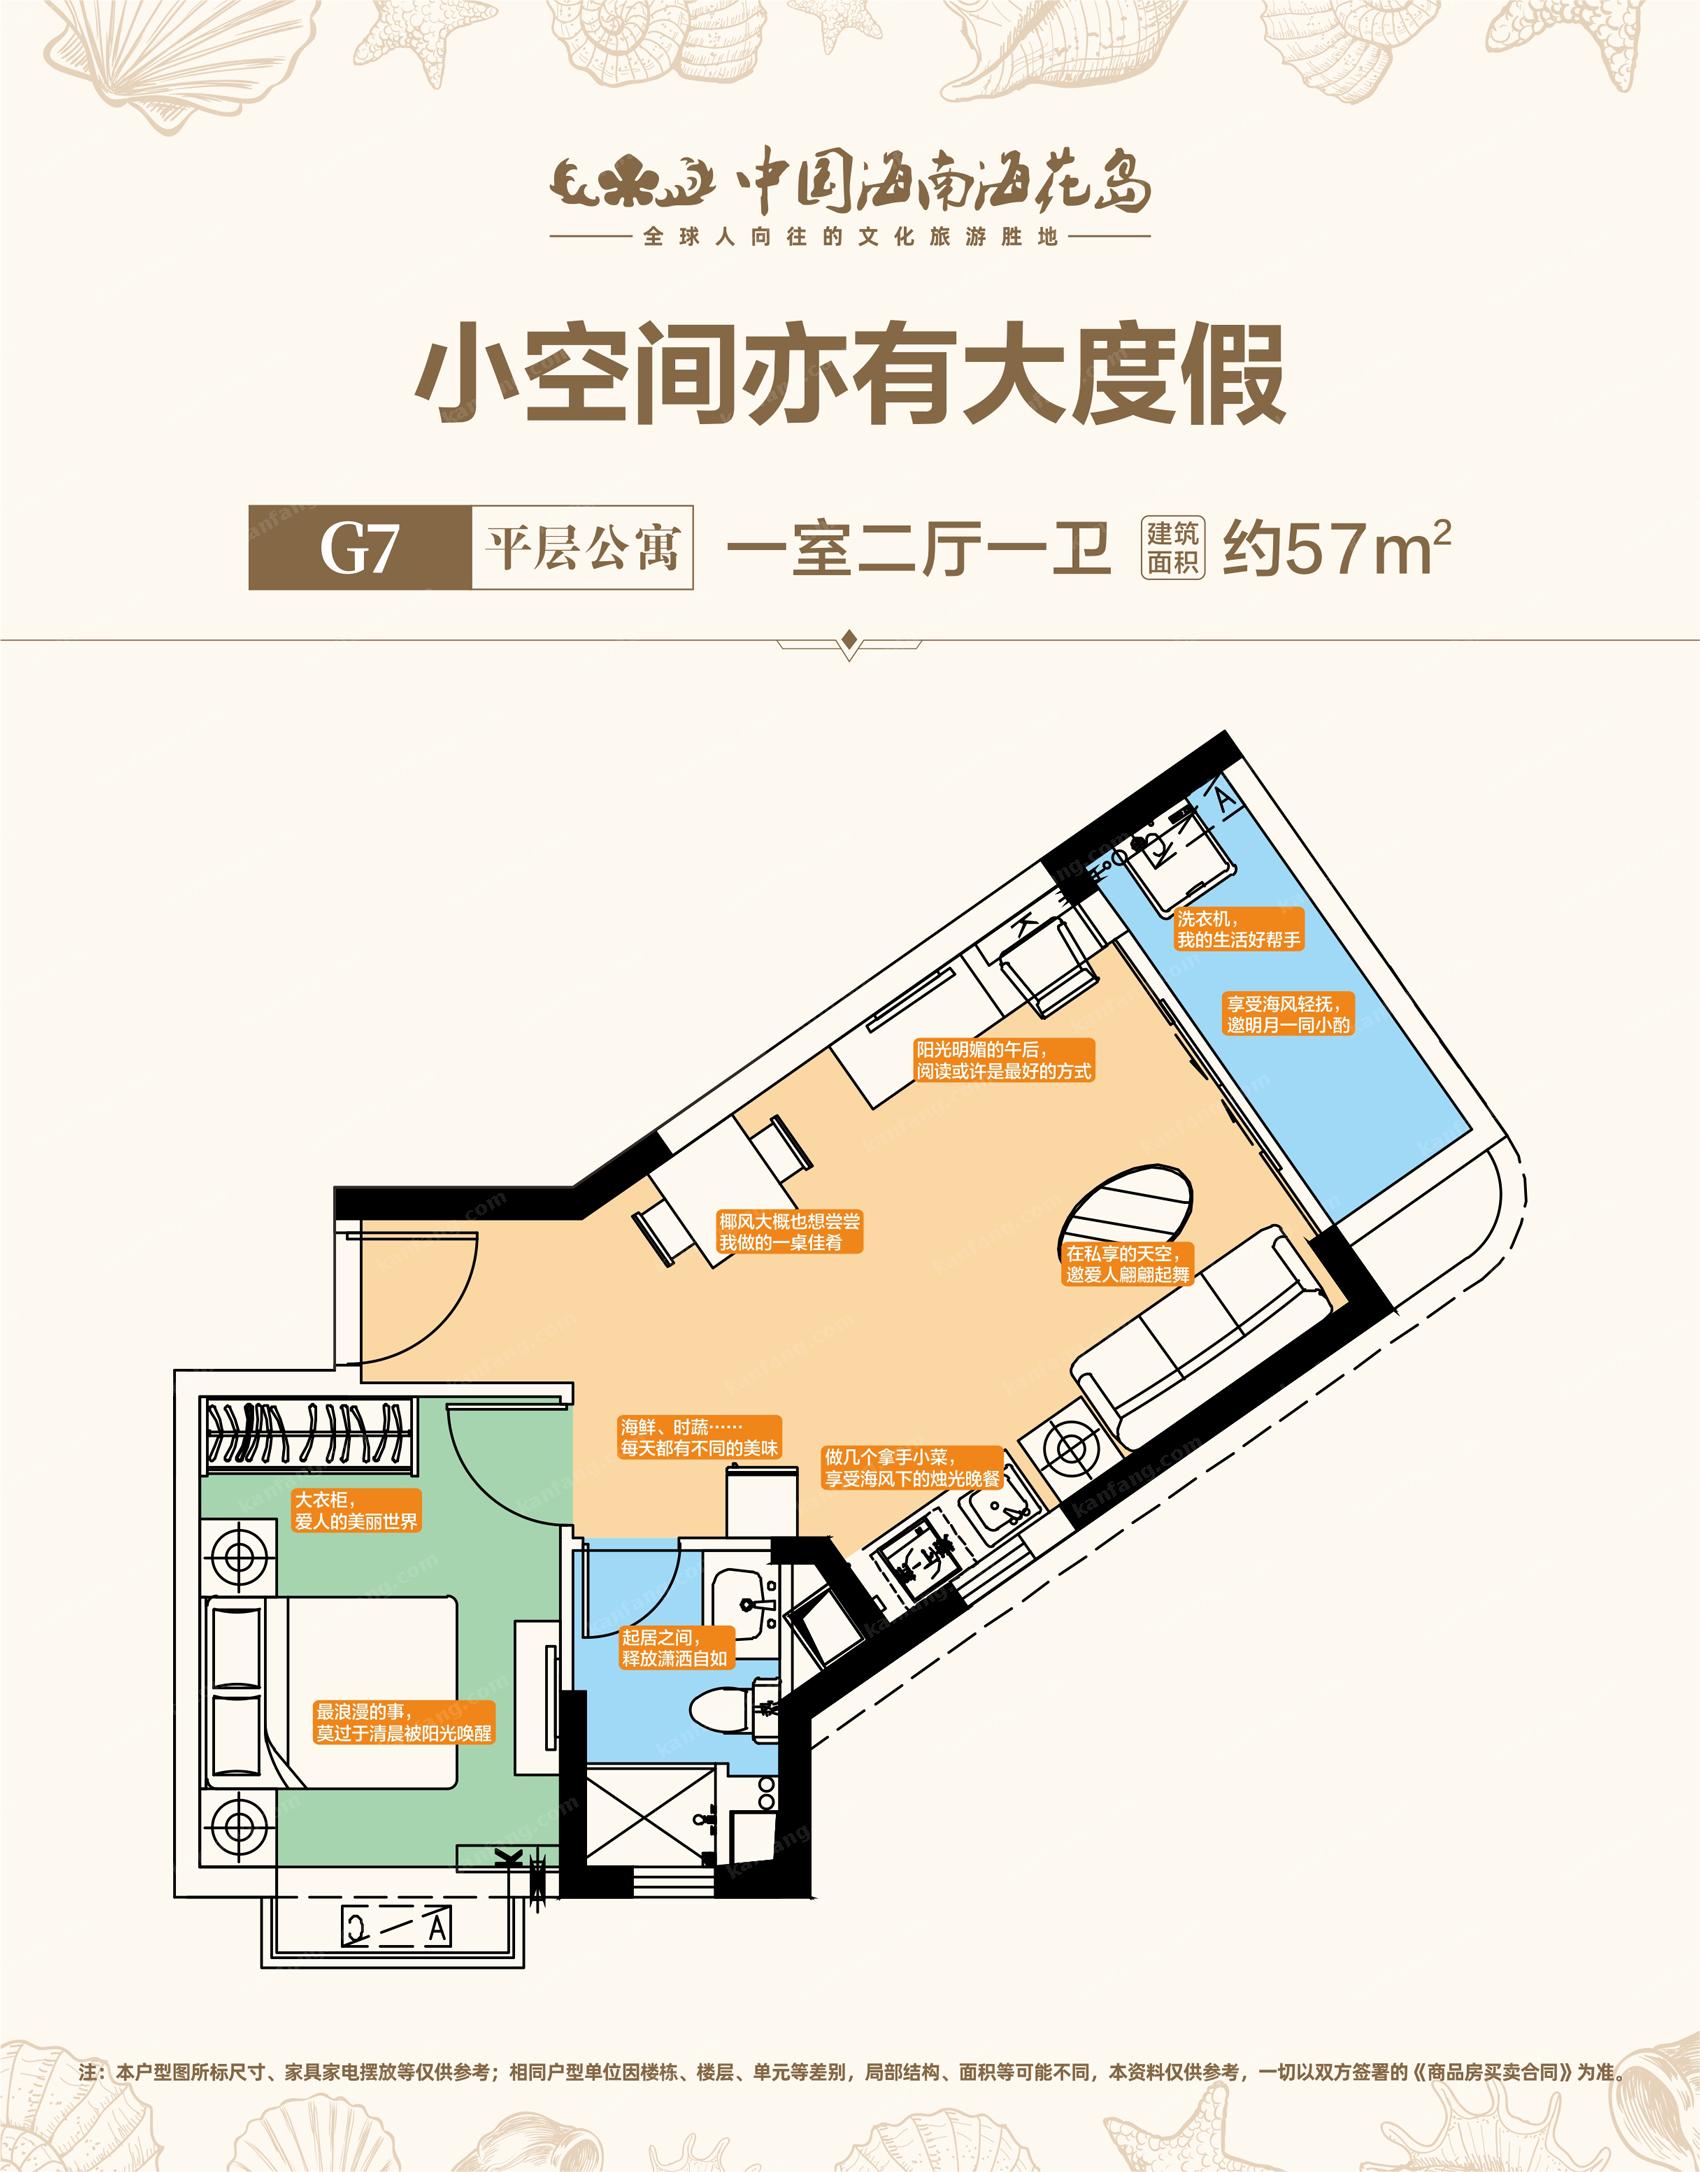 G7平层公寓